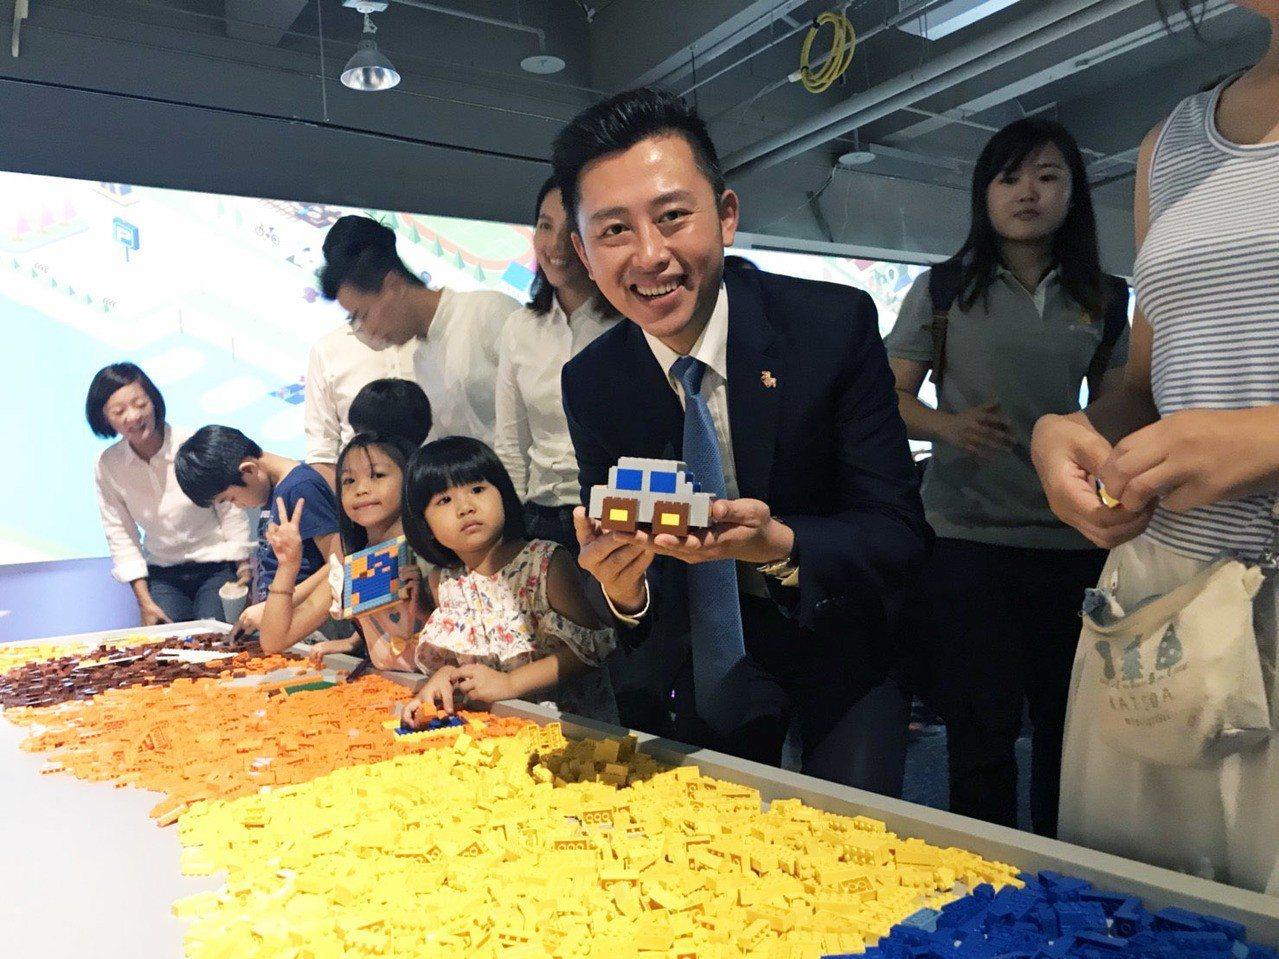 在「自造城市區」有積木遊樂場,很受親子歡迎。記者郭宣彣/攝影